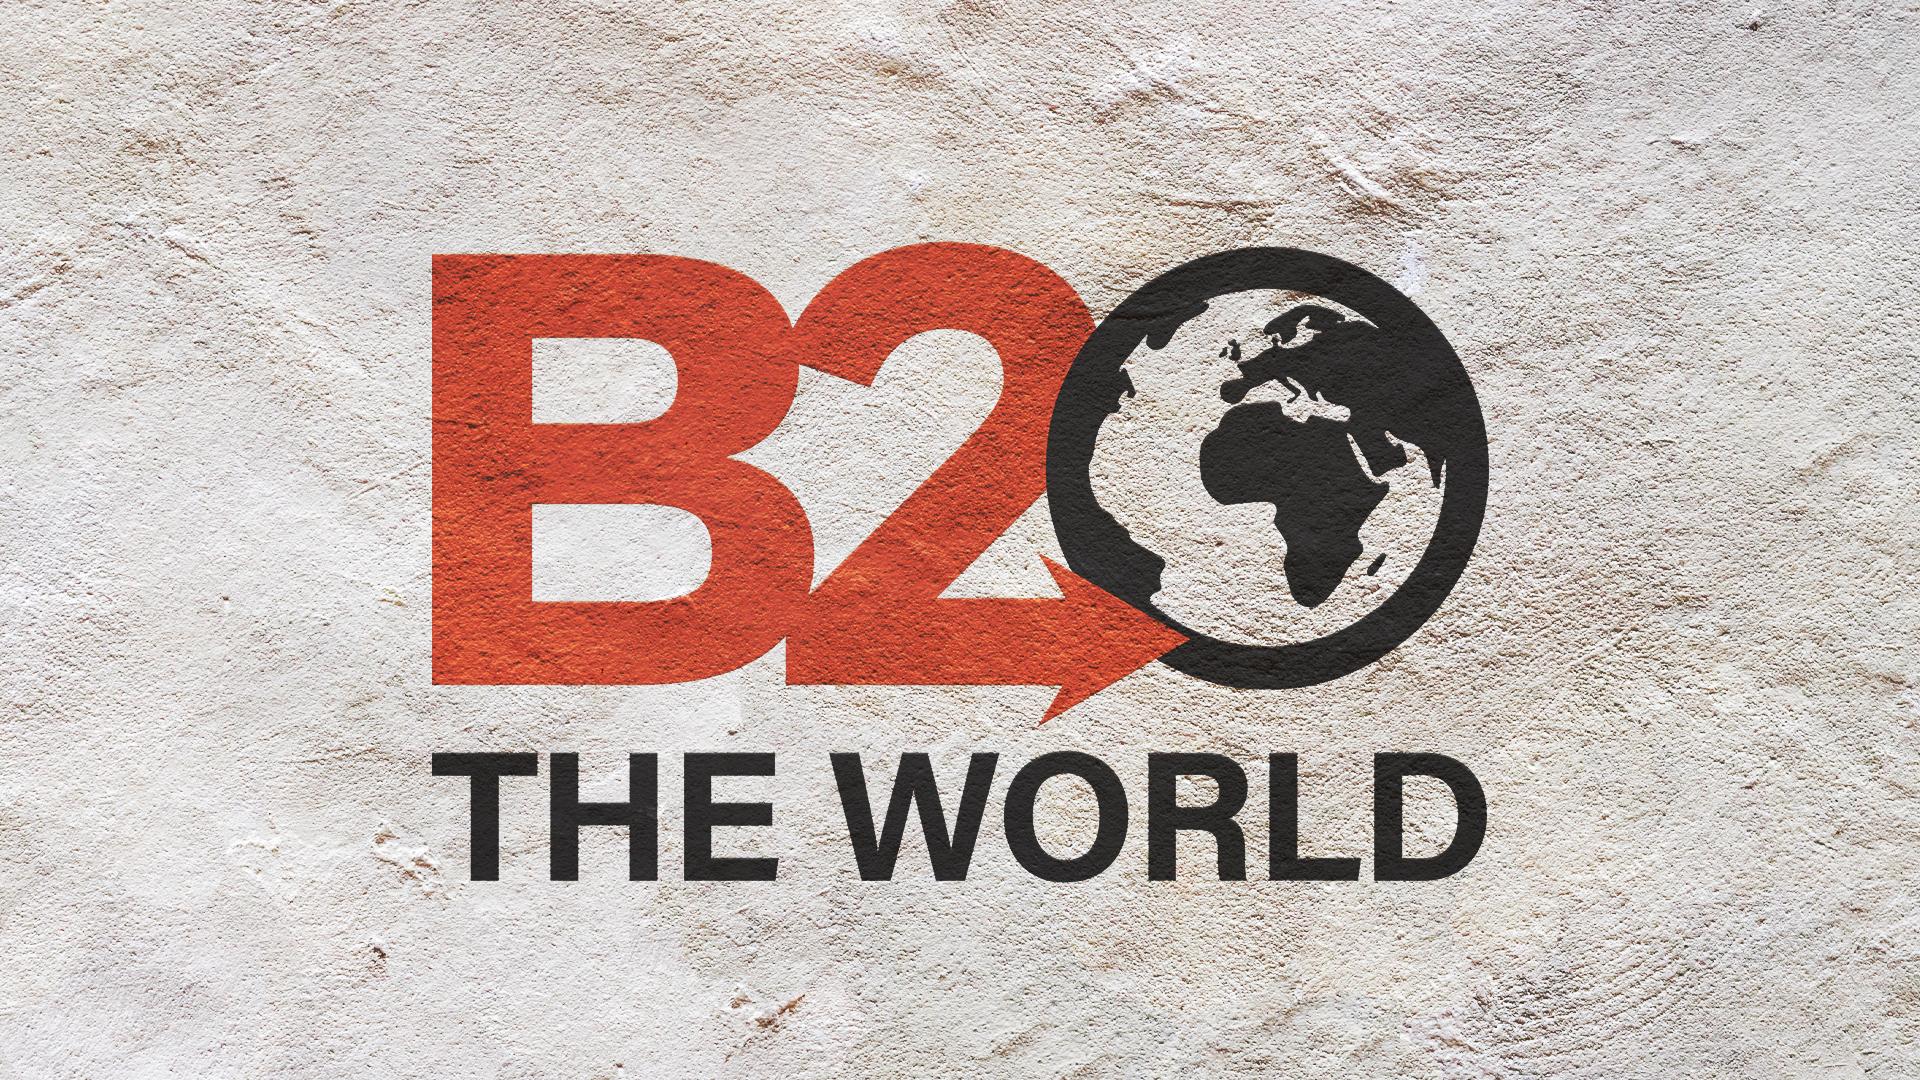 B2 The World Logo